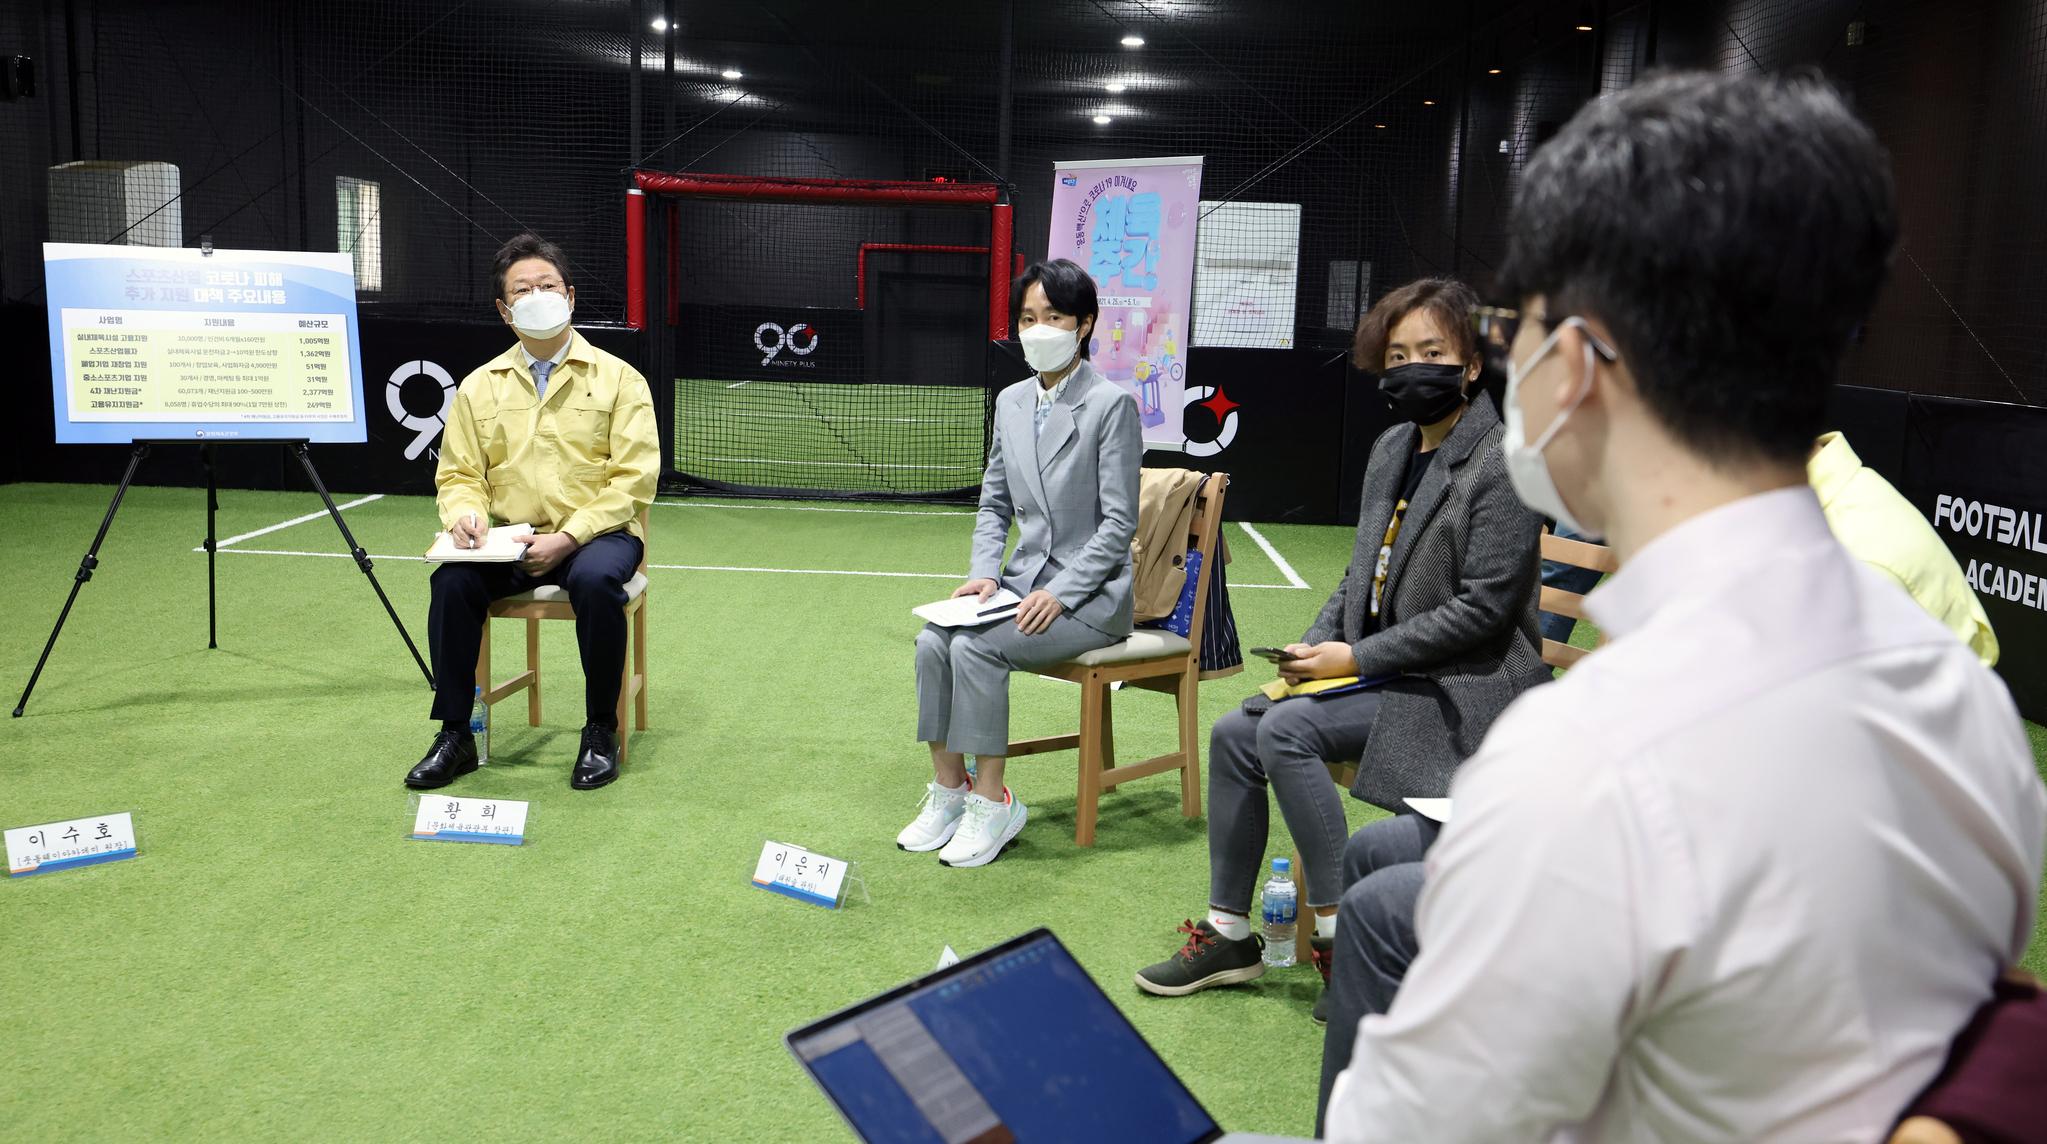 황희 문체부 장관이 15일 서울 성동구 실내축구장에서 실내체육시설업계 대표들과 간담회를 갖고 있다. [사진 문체부]